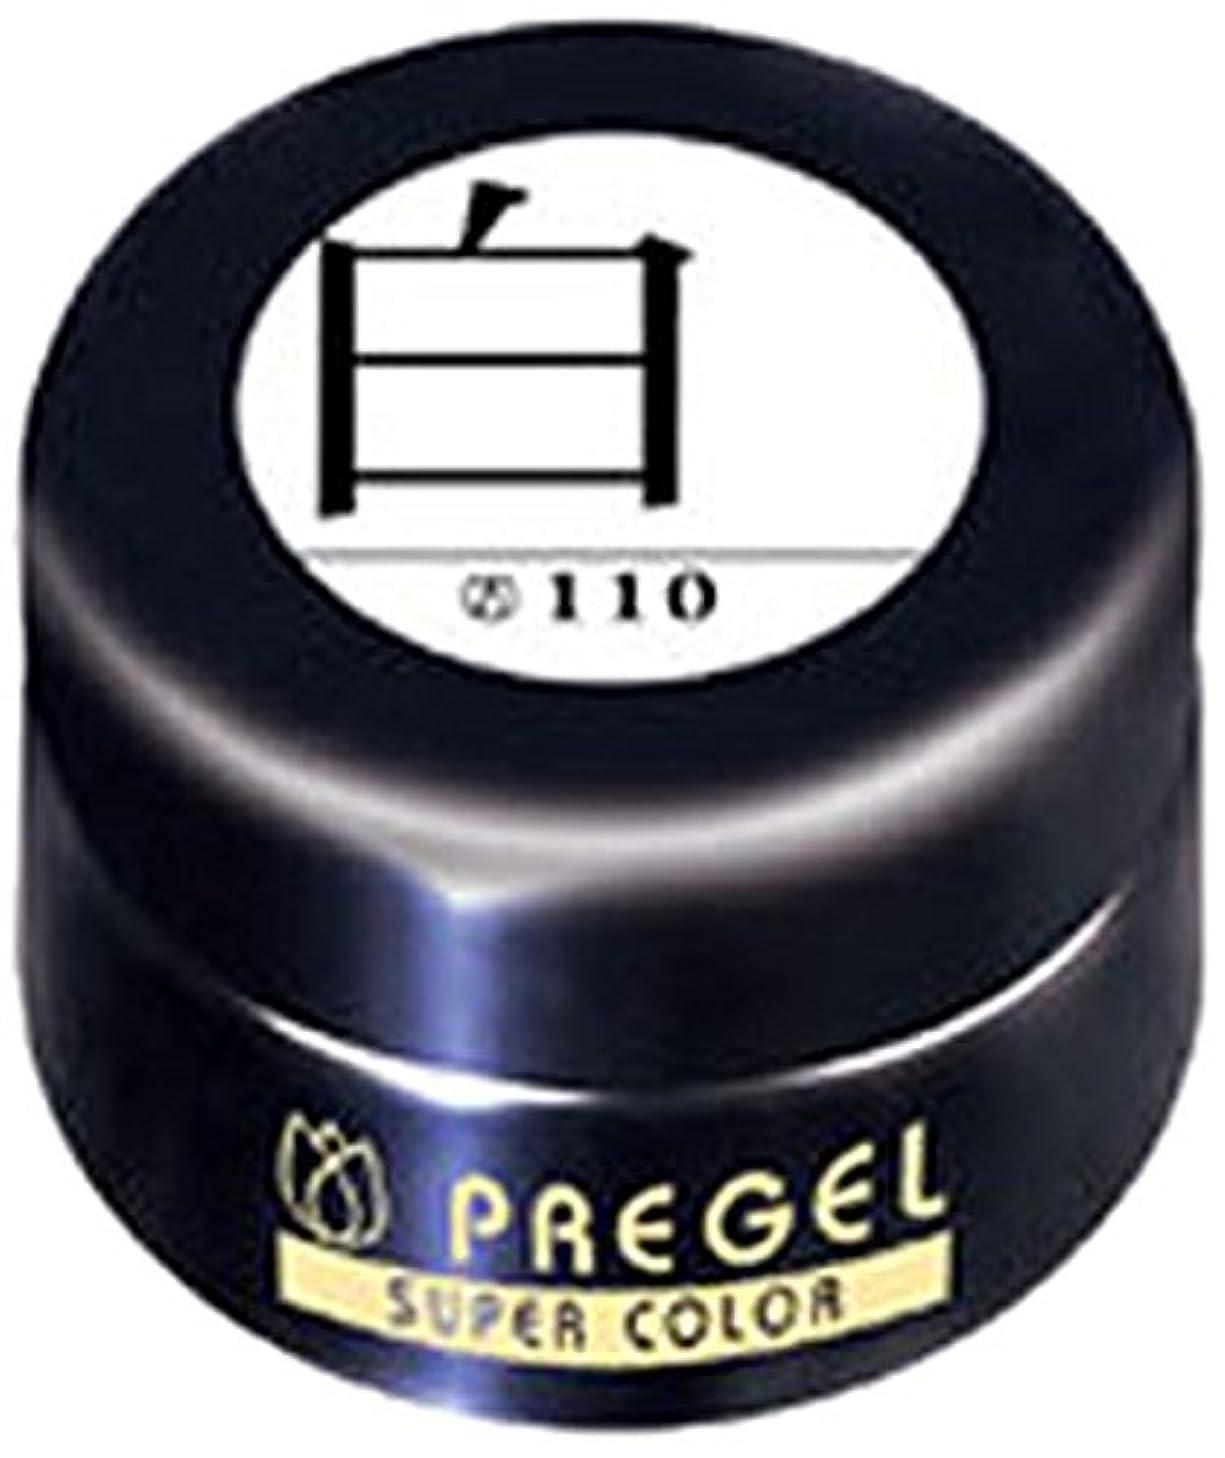 ニュージーランド協力拒否プリジェル スーパーカラーEX 白 4g PG-SE110 カラージェル UV/LED対応